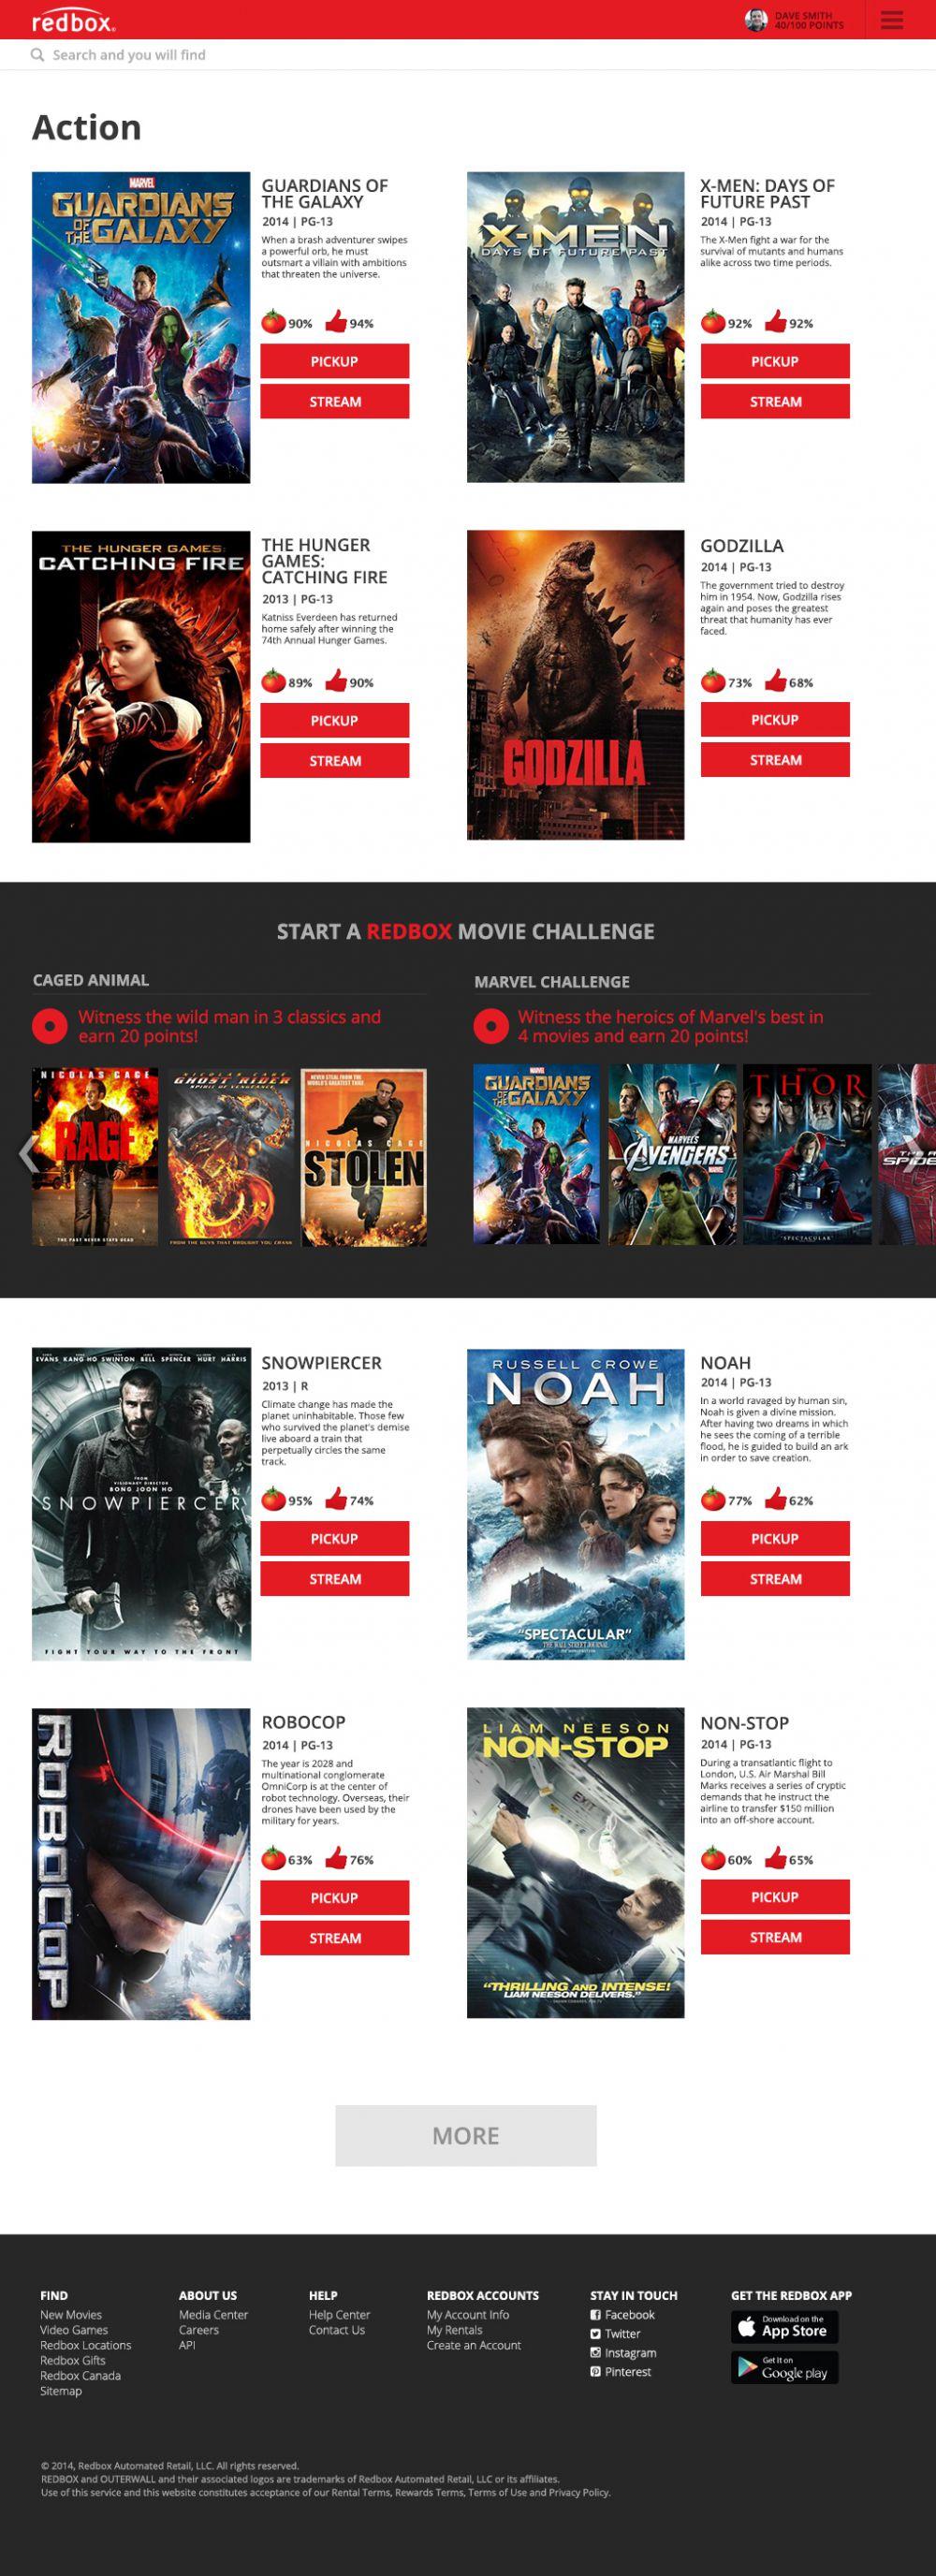 Redbox.com concept - gallery page